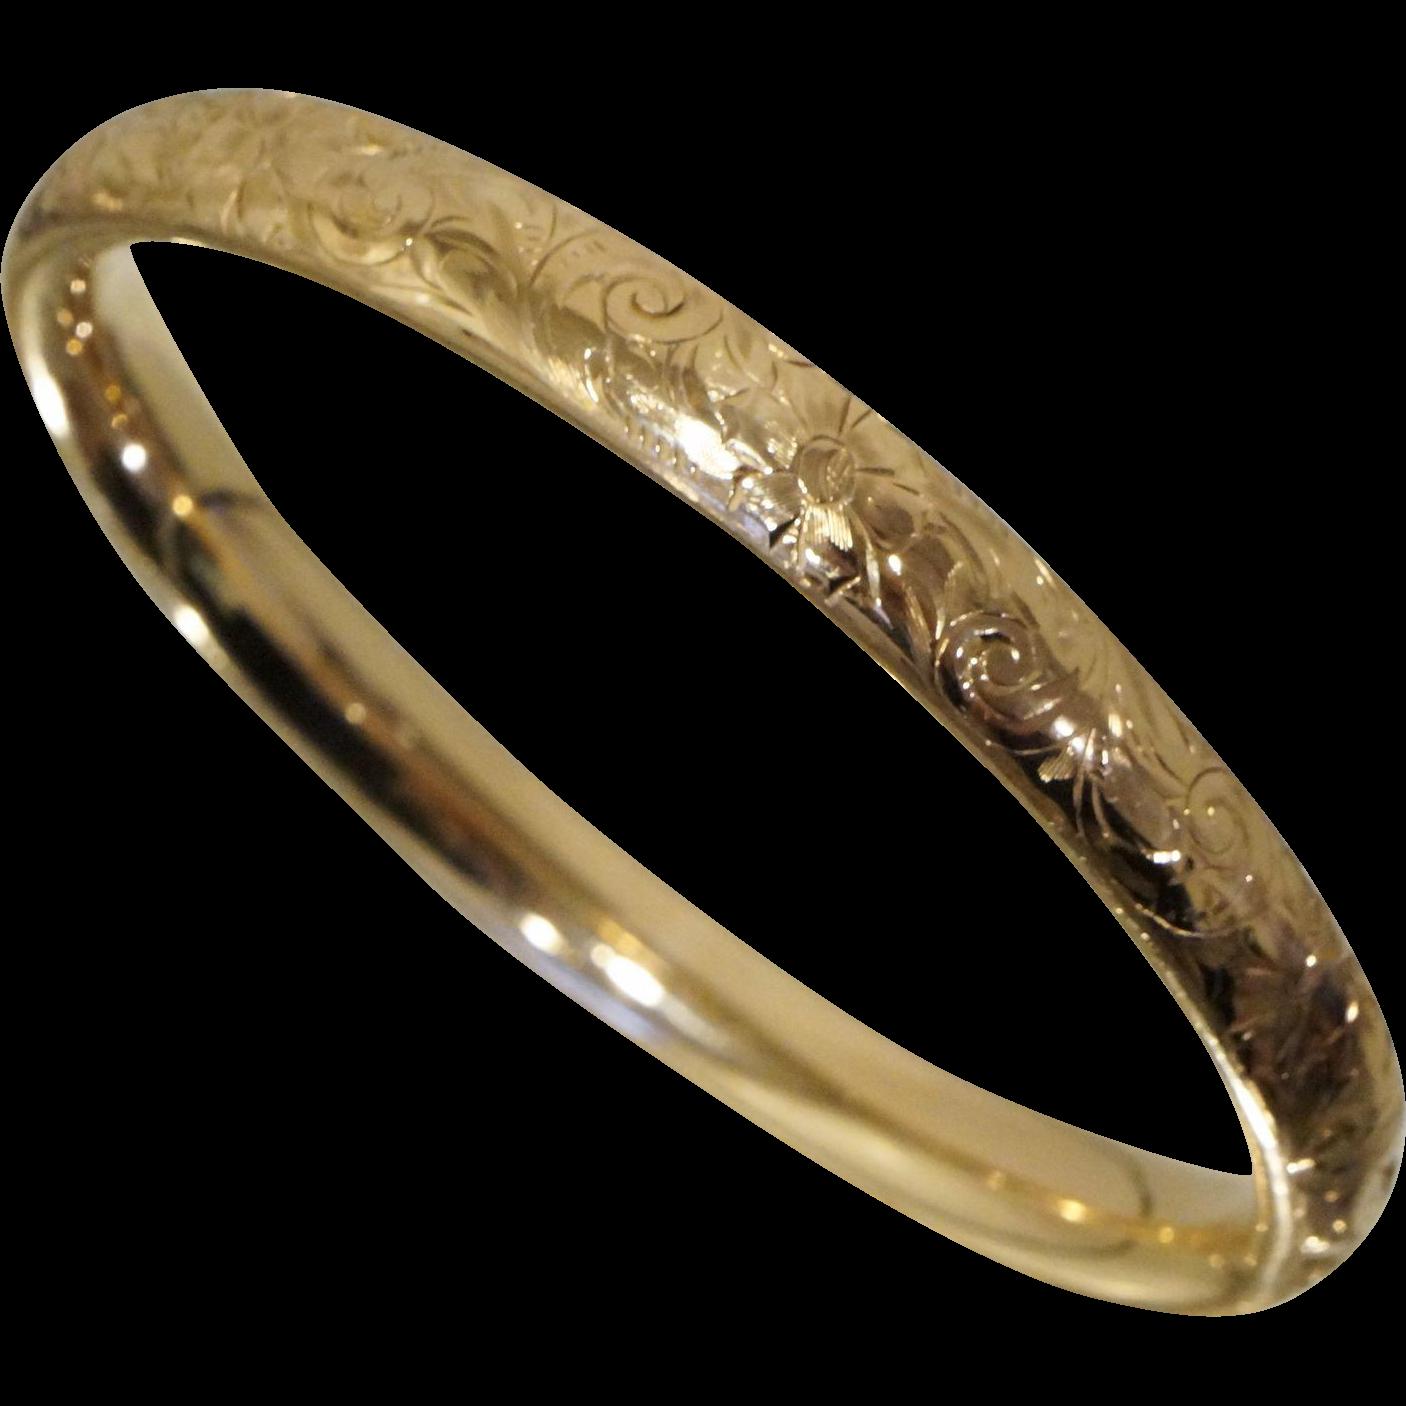 Art Nouveau 10K Gold Slide Over Bangle Floral Repousse Cuff Bracelet